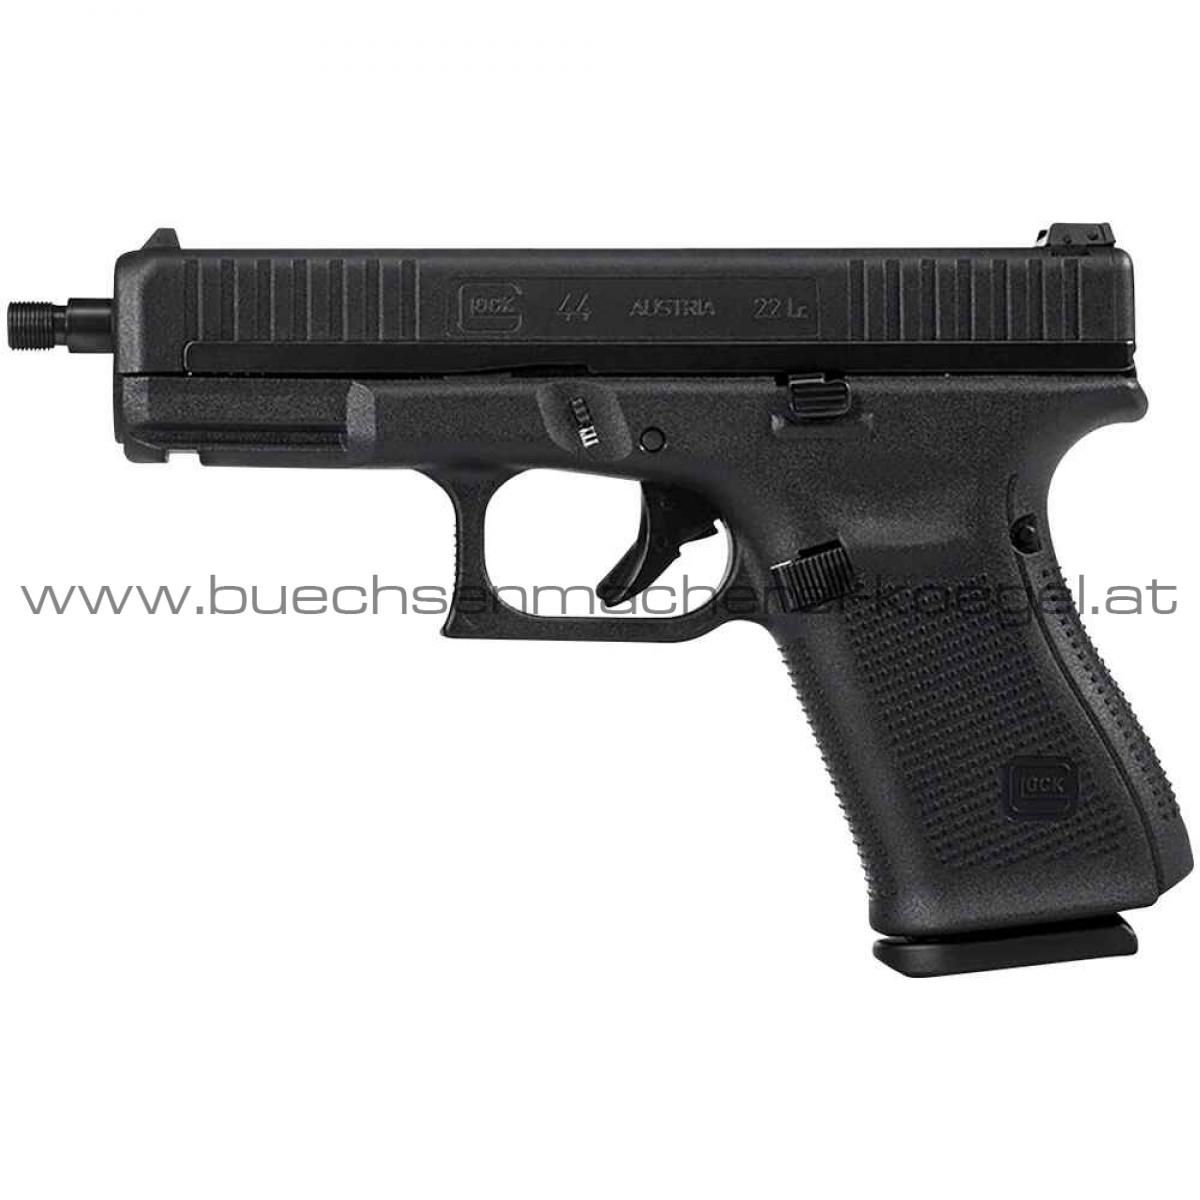 Glock 44 Kaliber 22 Lfb mit Laufgewinde